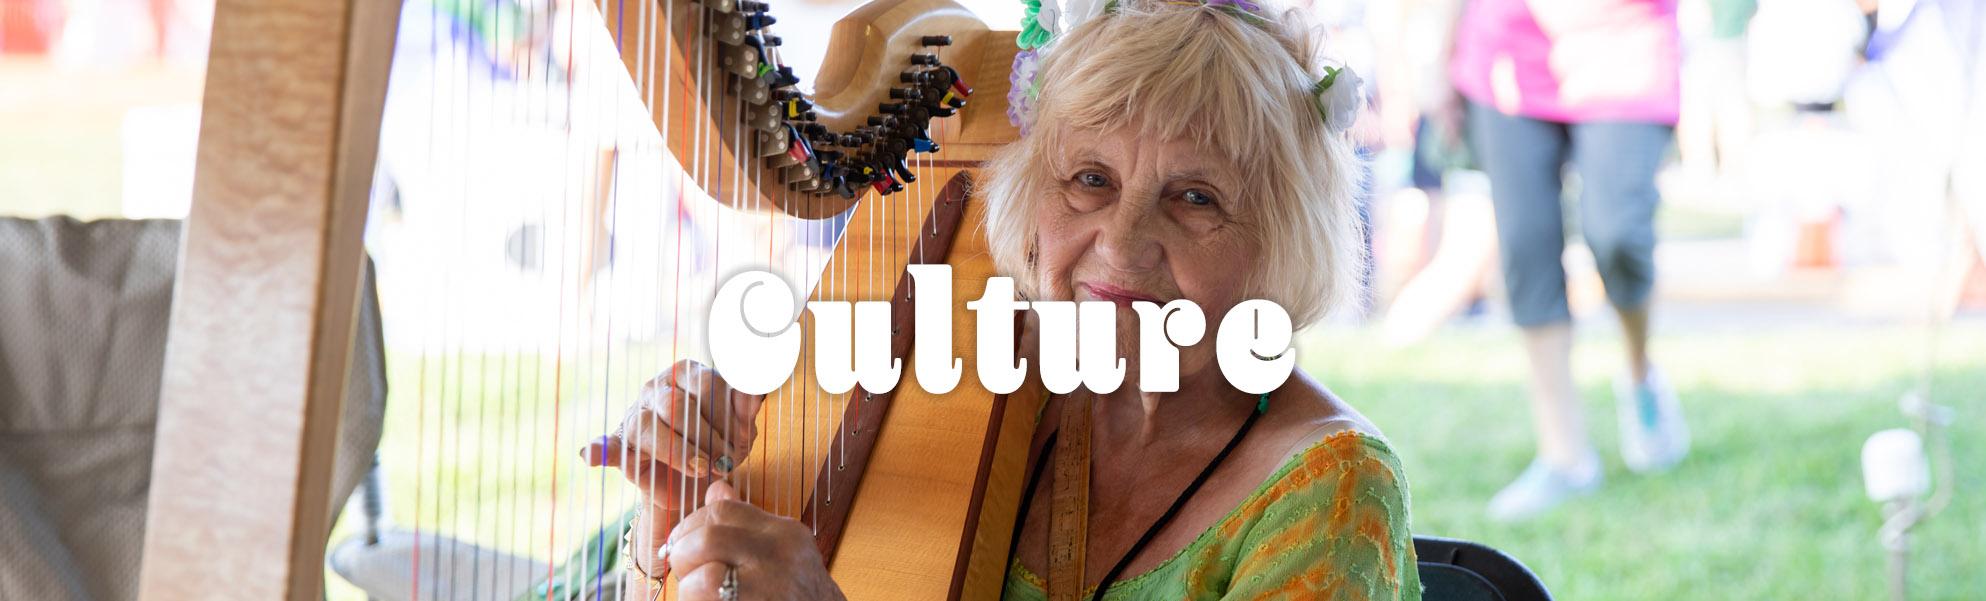 culture-header-2019